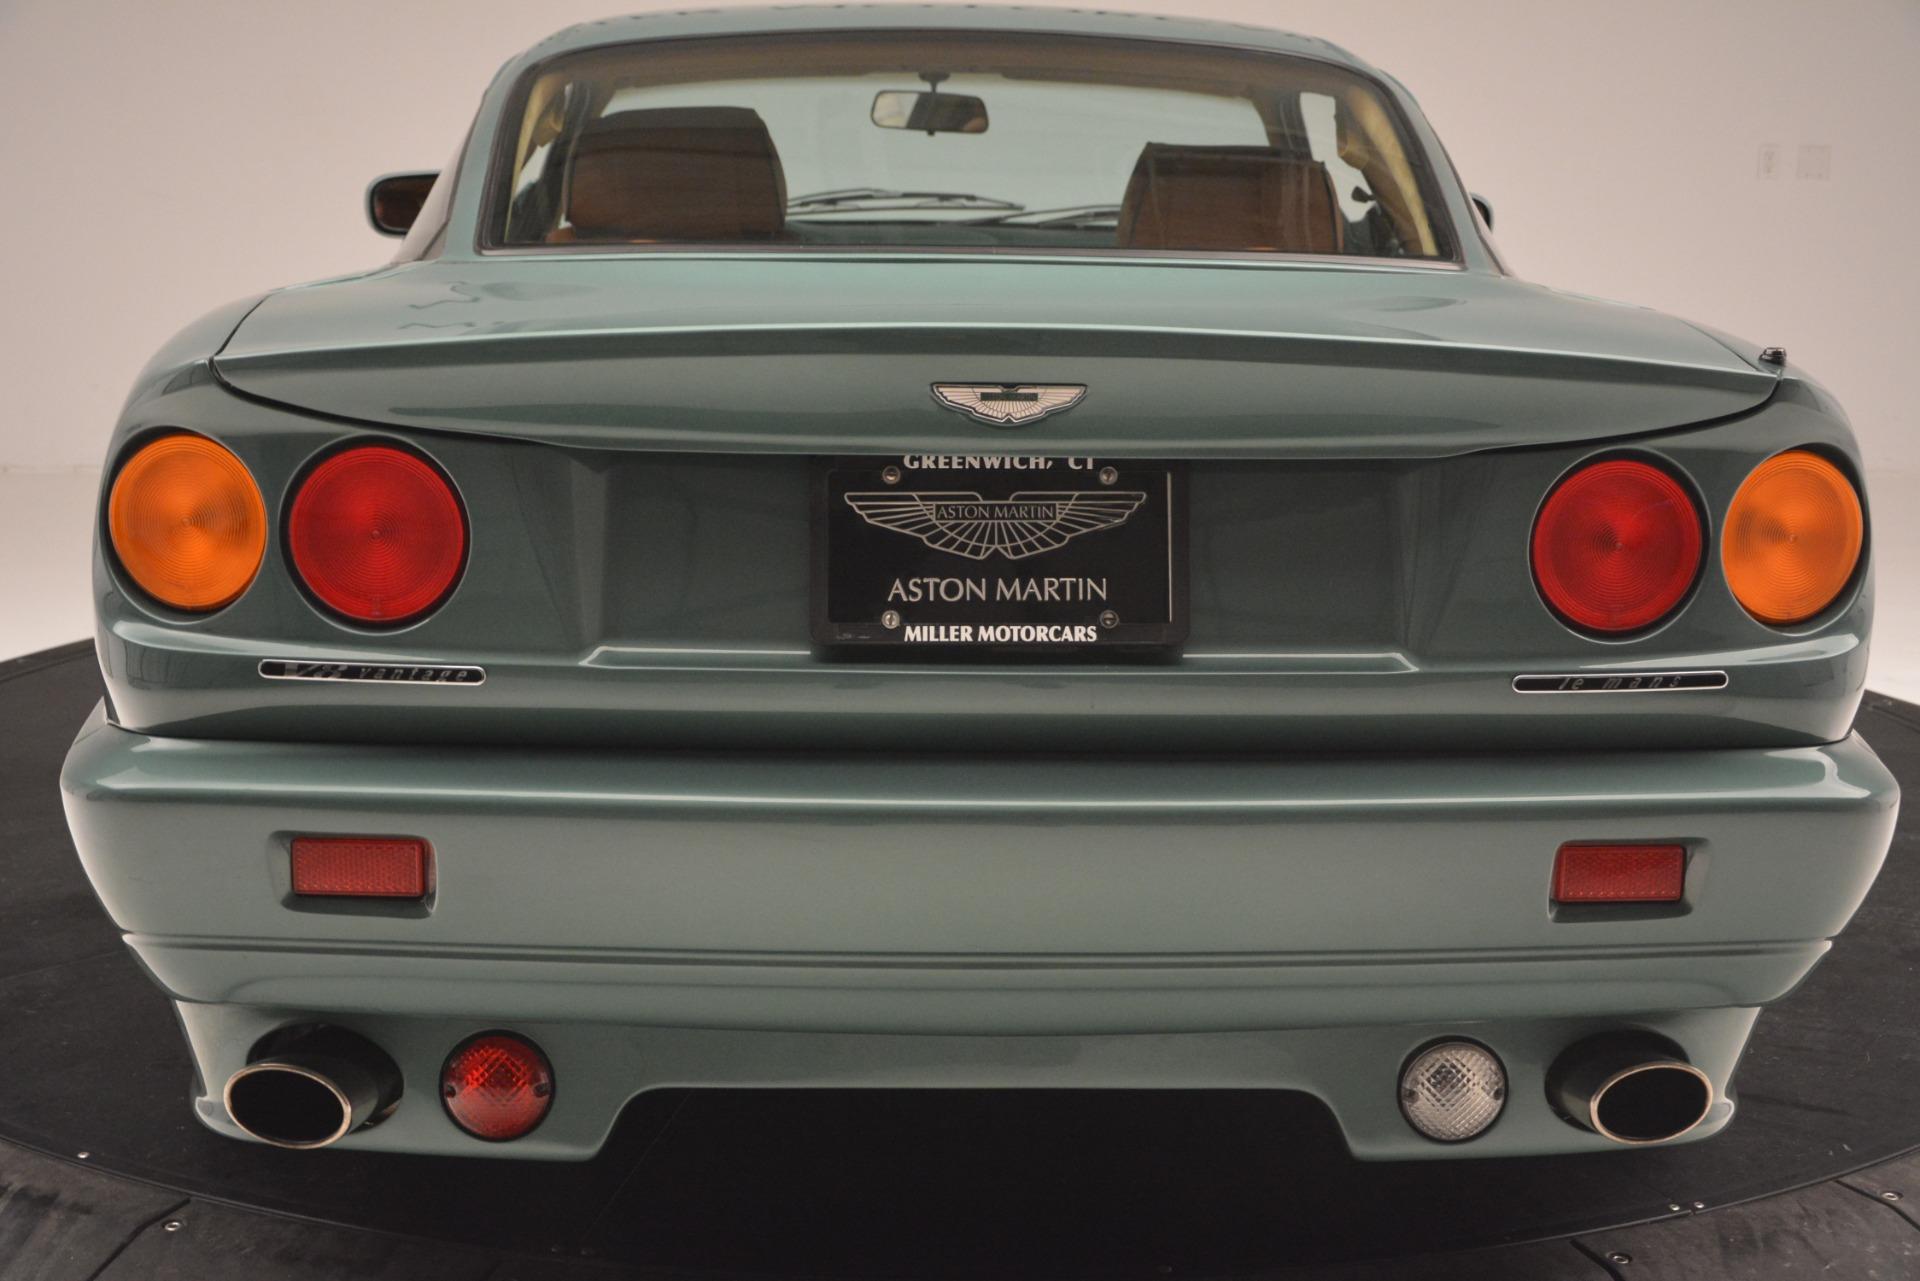 Used 1999 Aston Martin V8 Vantage Le Mans V600  For Sale In Westport, CT 2789_p43